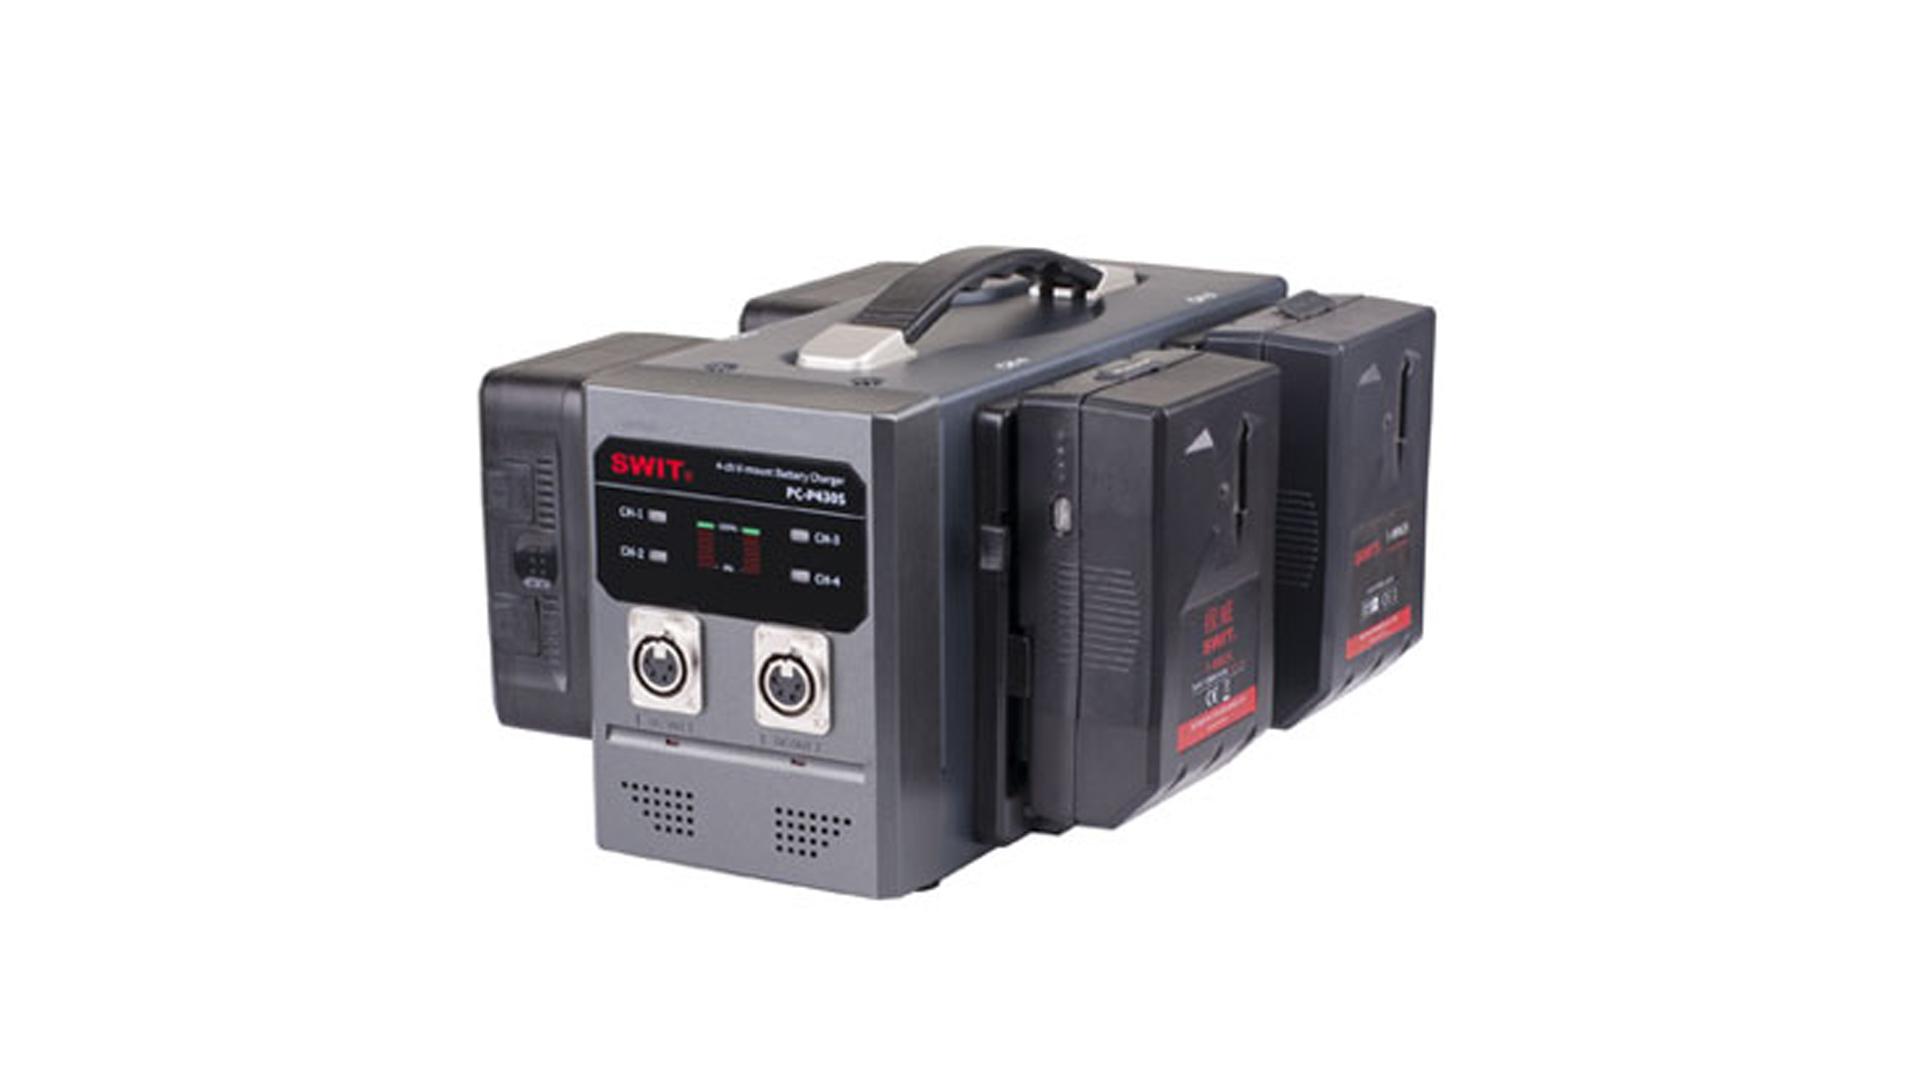 PC-P430S_Swit_Caricabatterie Swit quadruplo per batterie V-lock